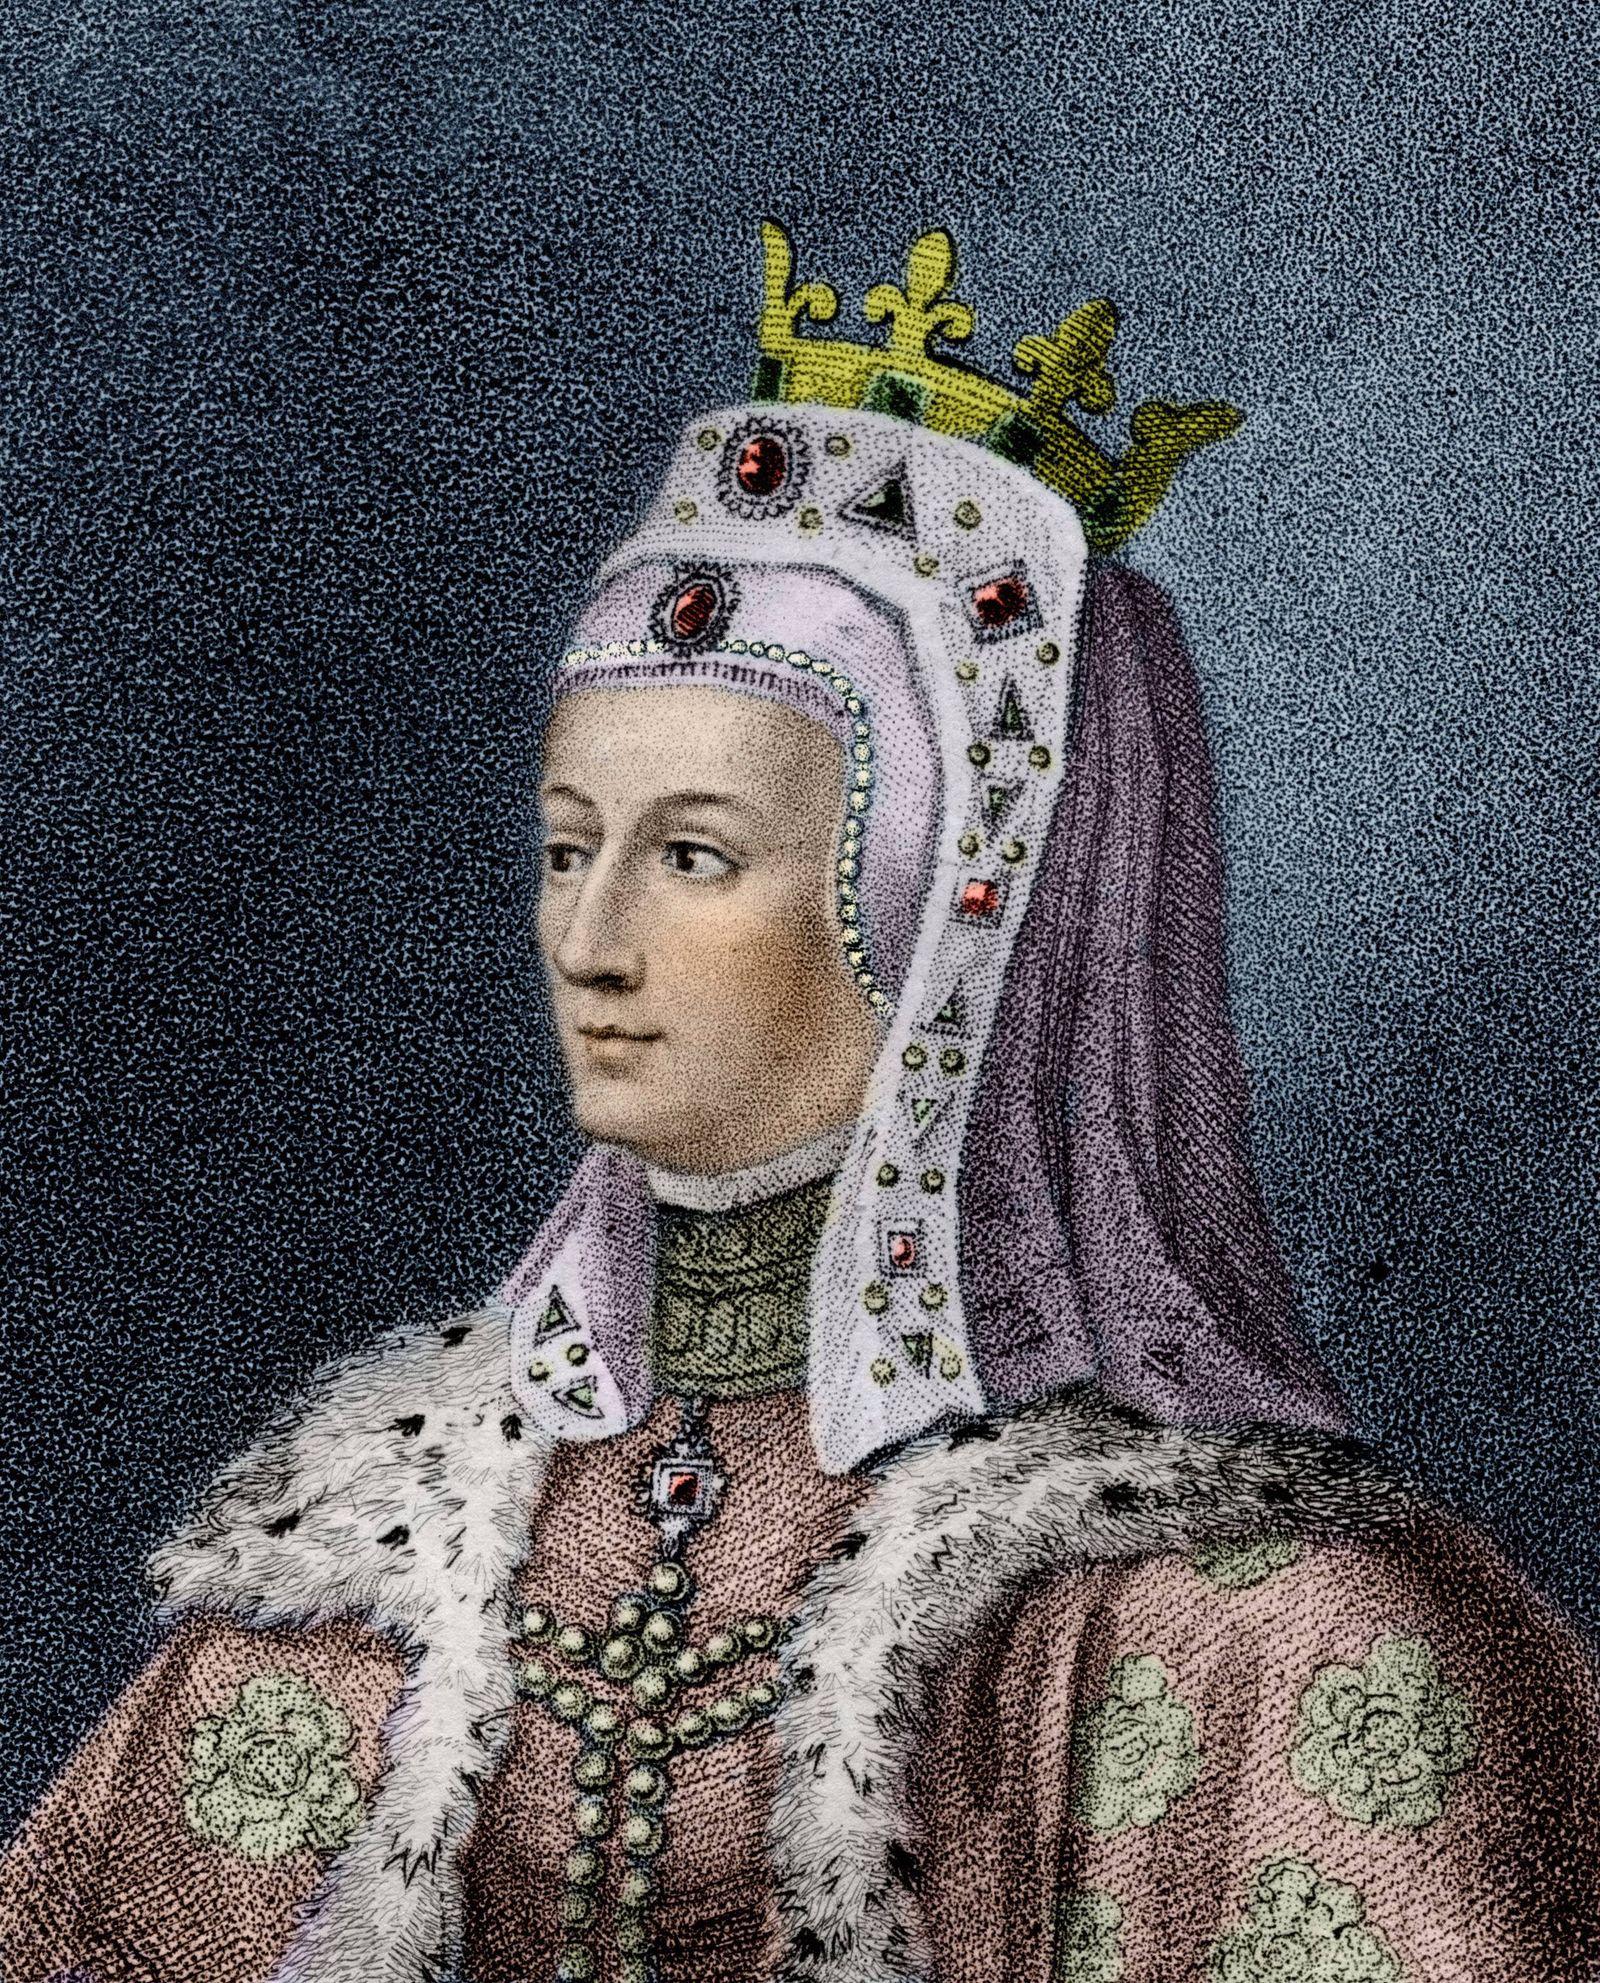 Portrait de la reine d Angleterre Isabelle de France Isabelle de France Isabella of France 1295